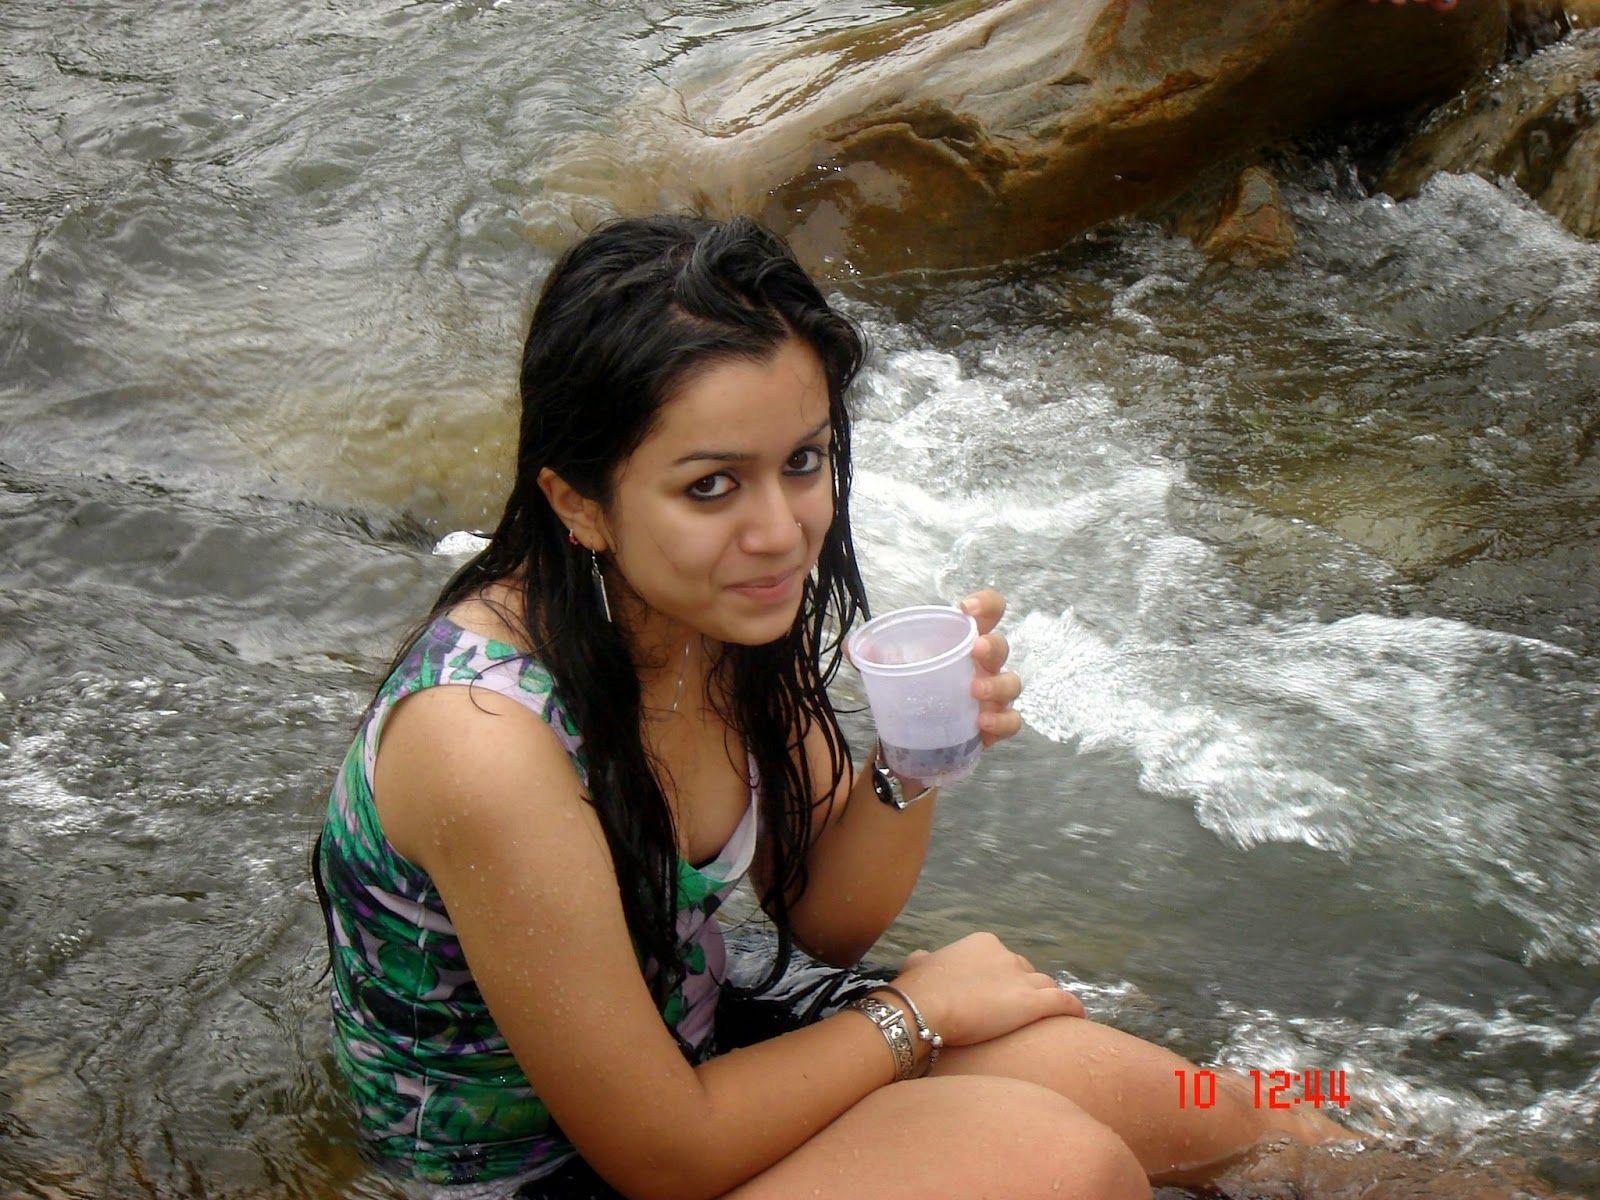 Indian Hot Tourist Girls Group Bathing In River Photos | Indian bikini,  Bathing, Bath girls